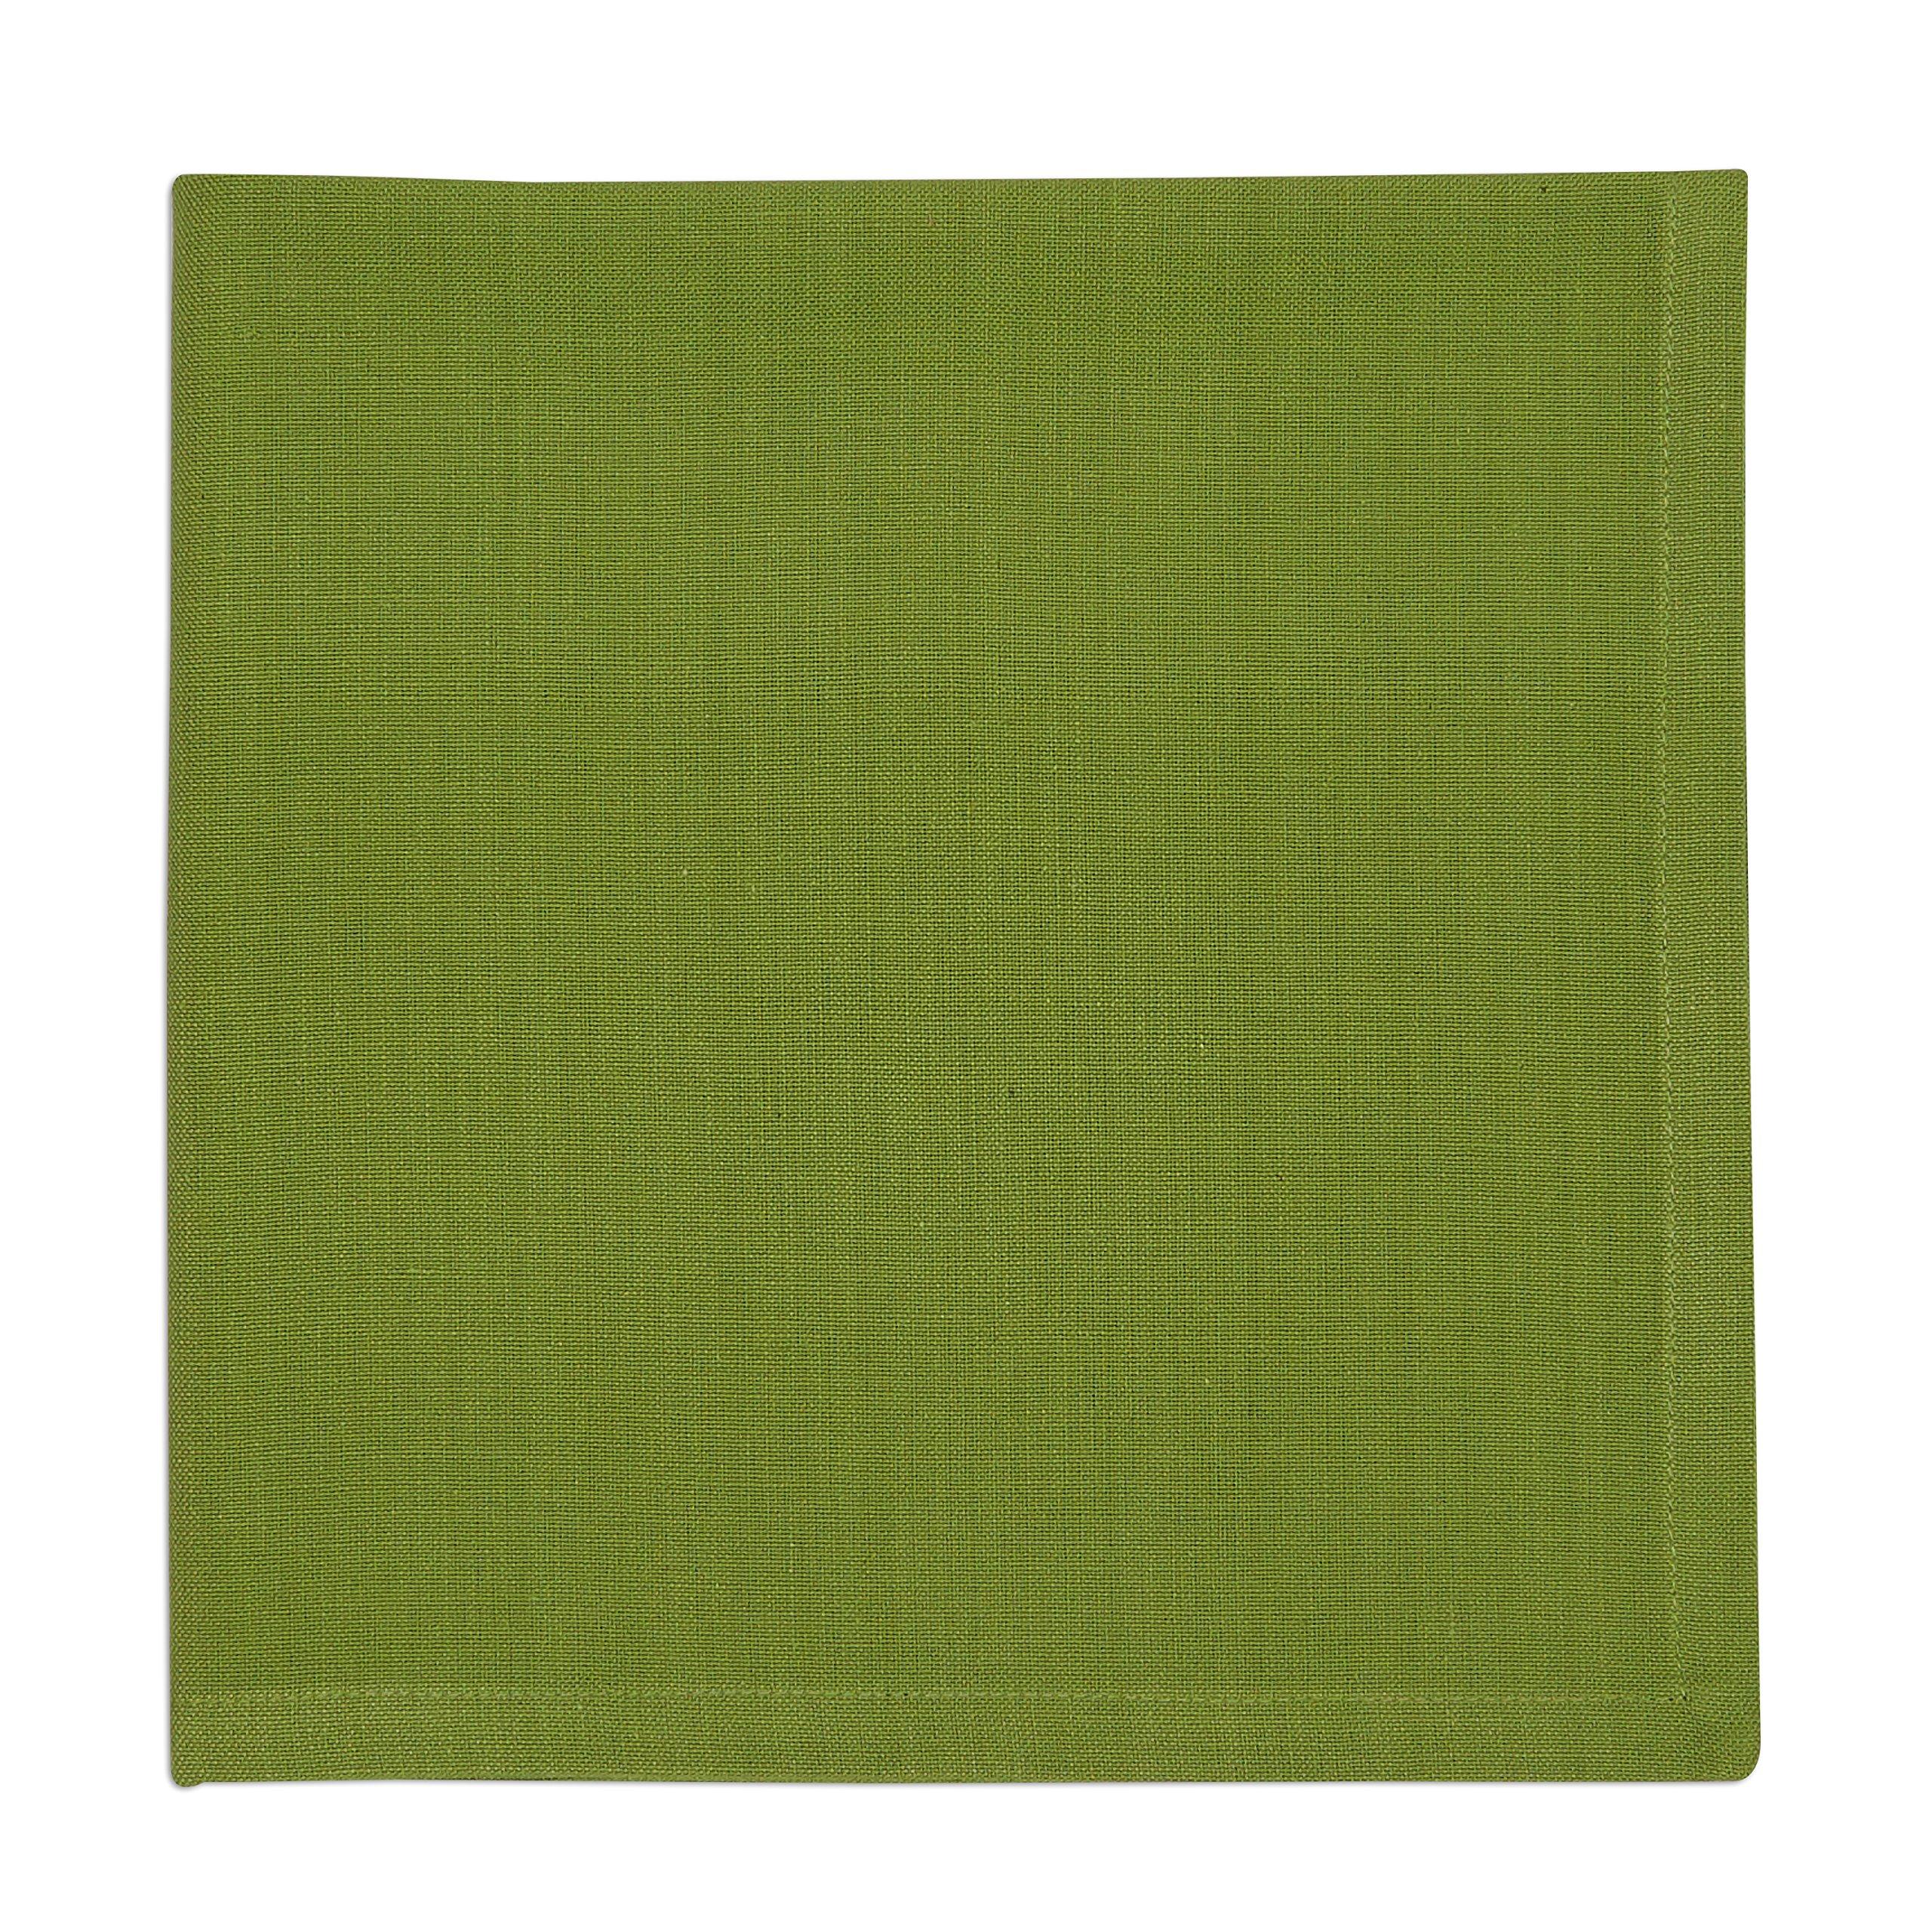 DII 100% Cotton, Oversized Basic Everyday 20x20 Napkin Set of 6, Black